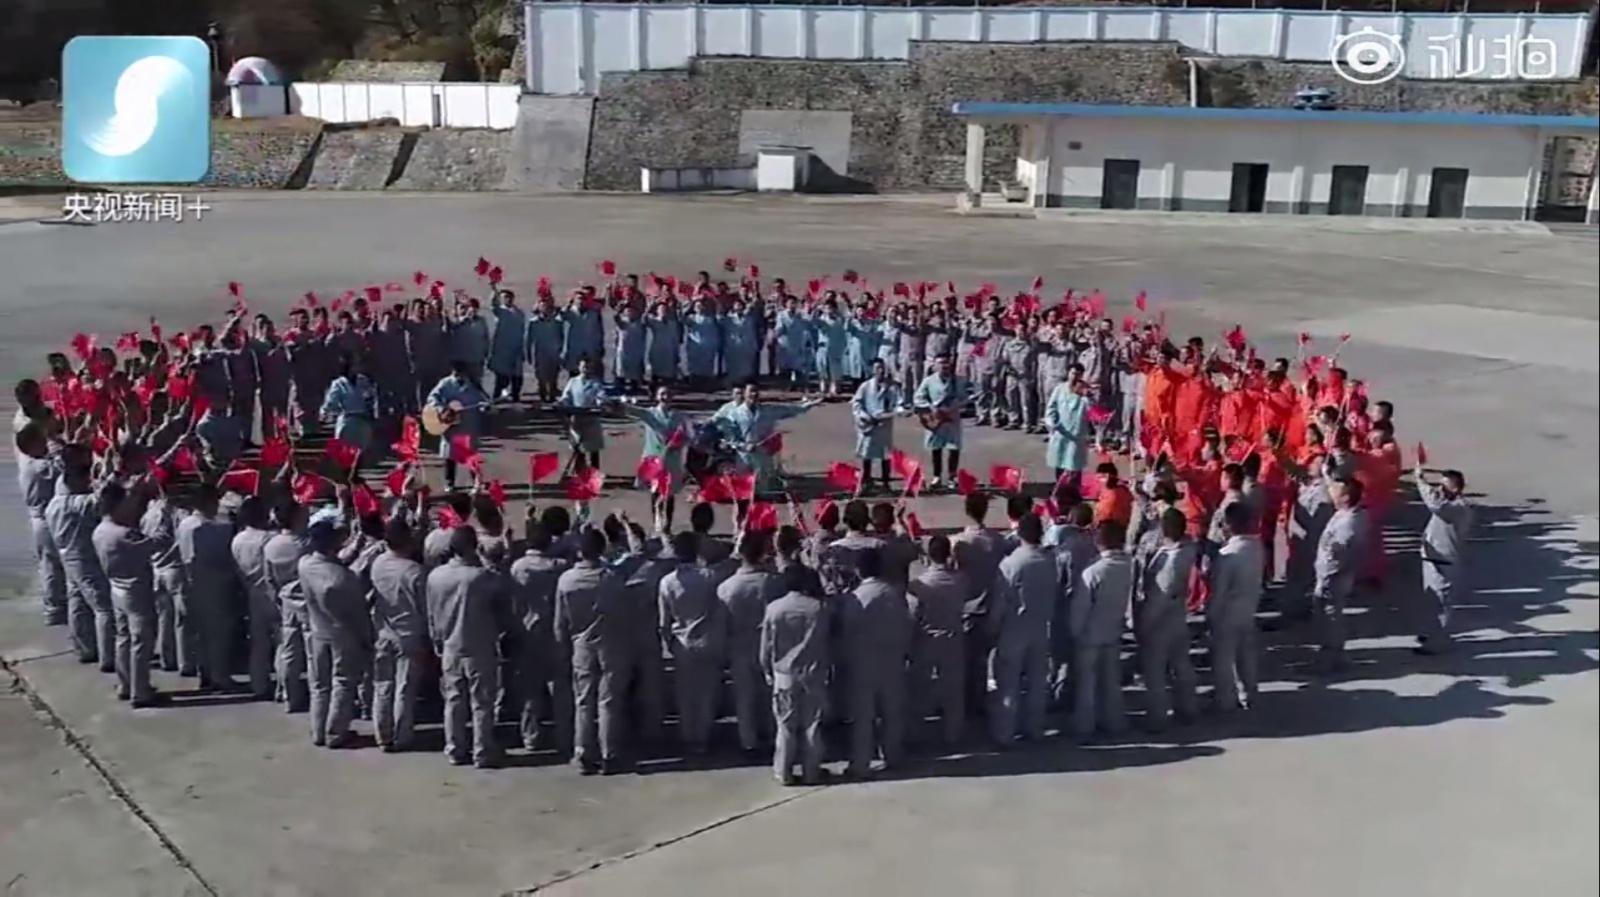 Суровая рабочая реальность — Китайский космодром Сичан (Xichang Satellite Launch Center — XSLC) - 91